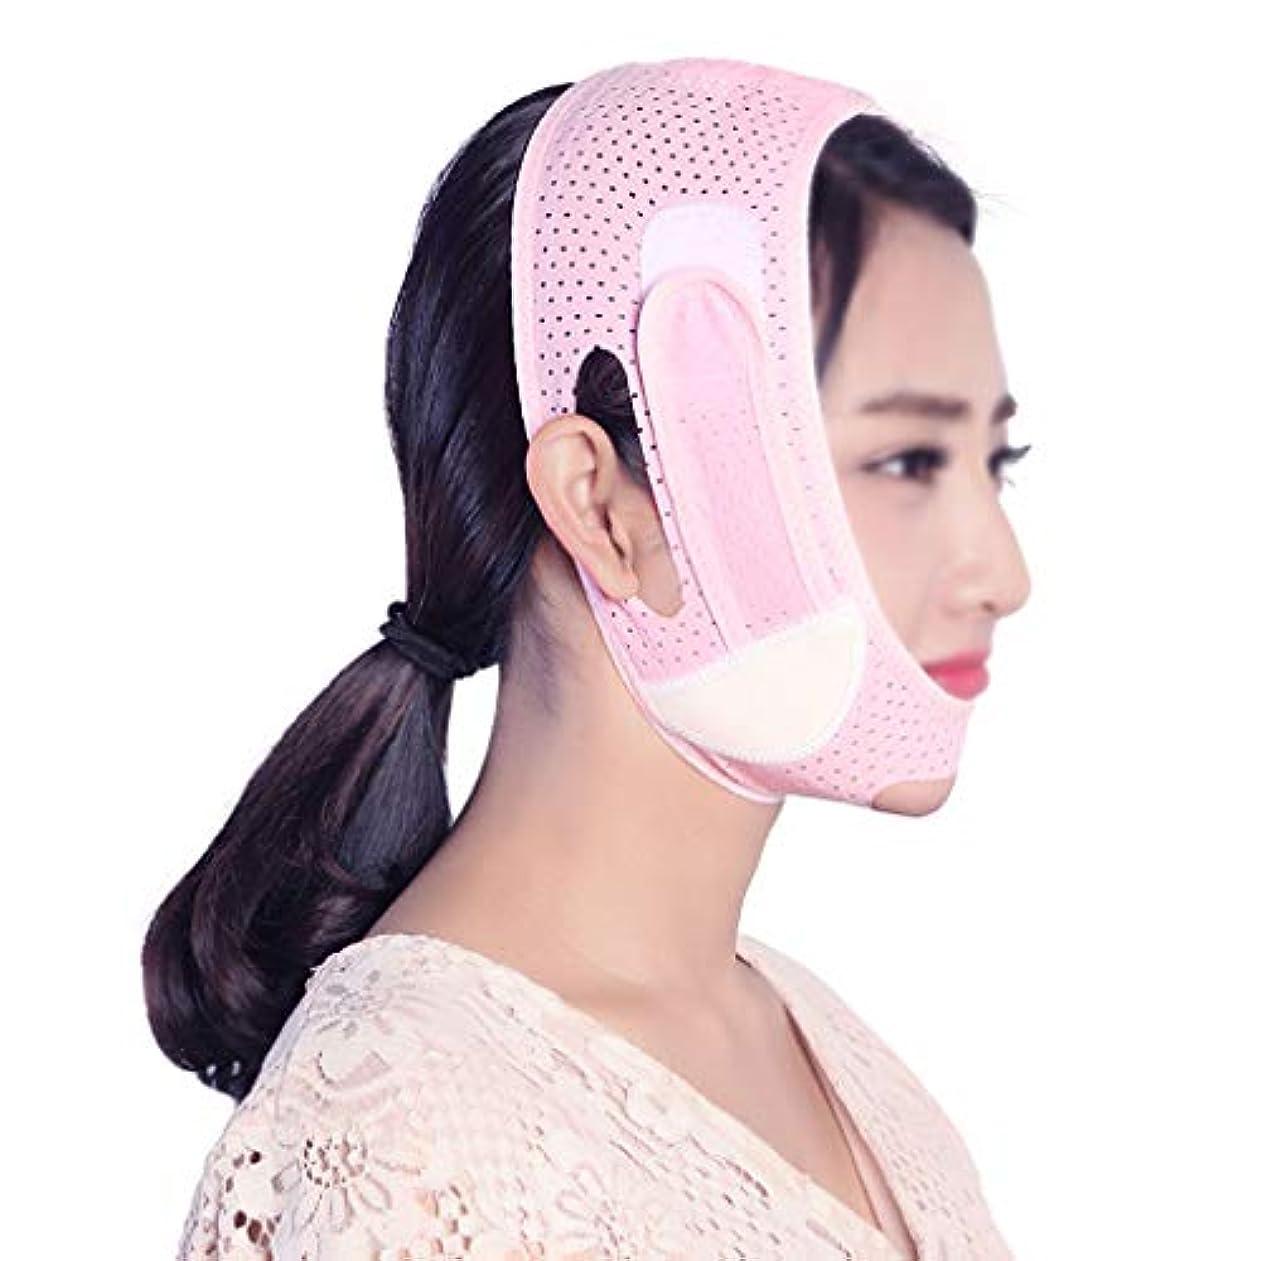 出撃者書店哲学博士GLJJQMY スリムな包帯フェイシャルトリートメント強化フェイシャルチークV型アンチリンクルダブルチンビューティツール 顔用整形マスク